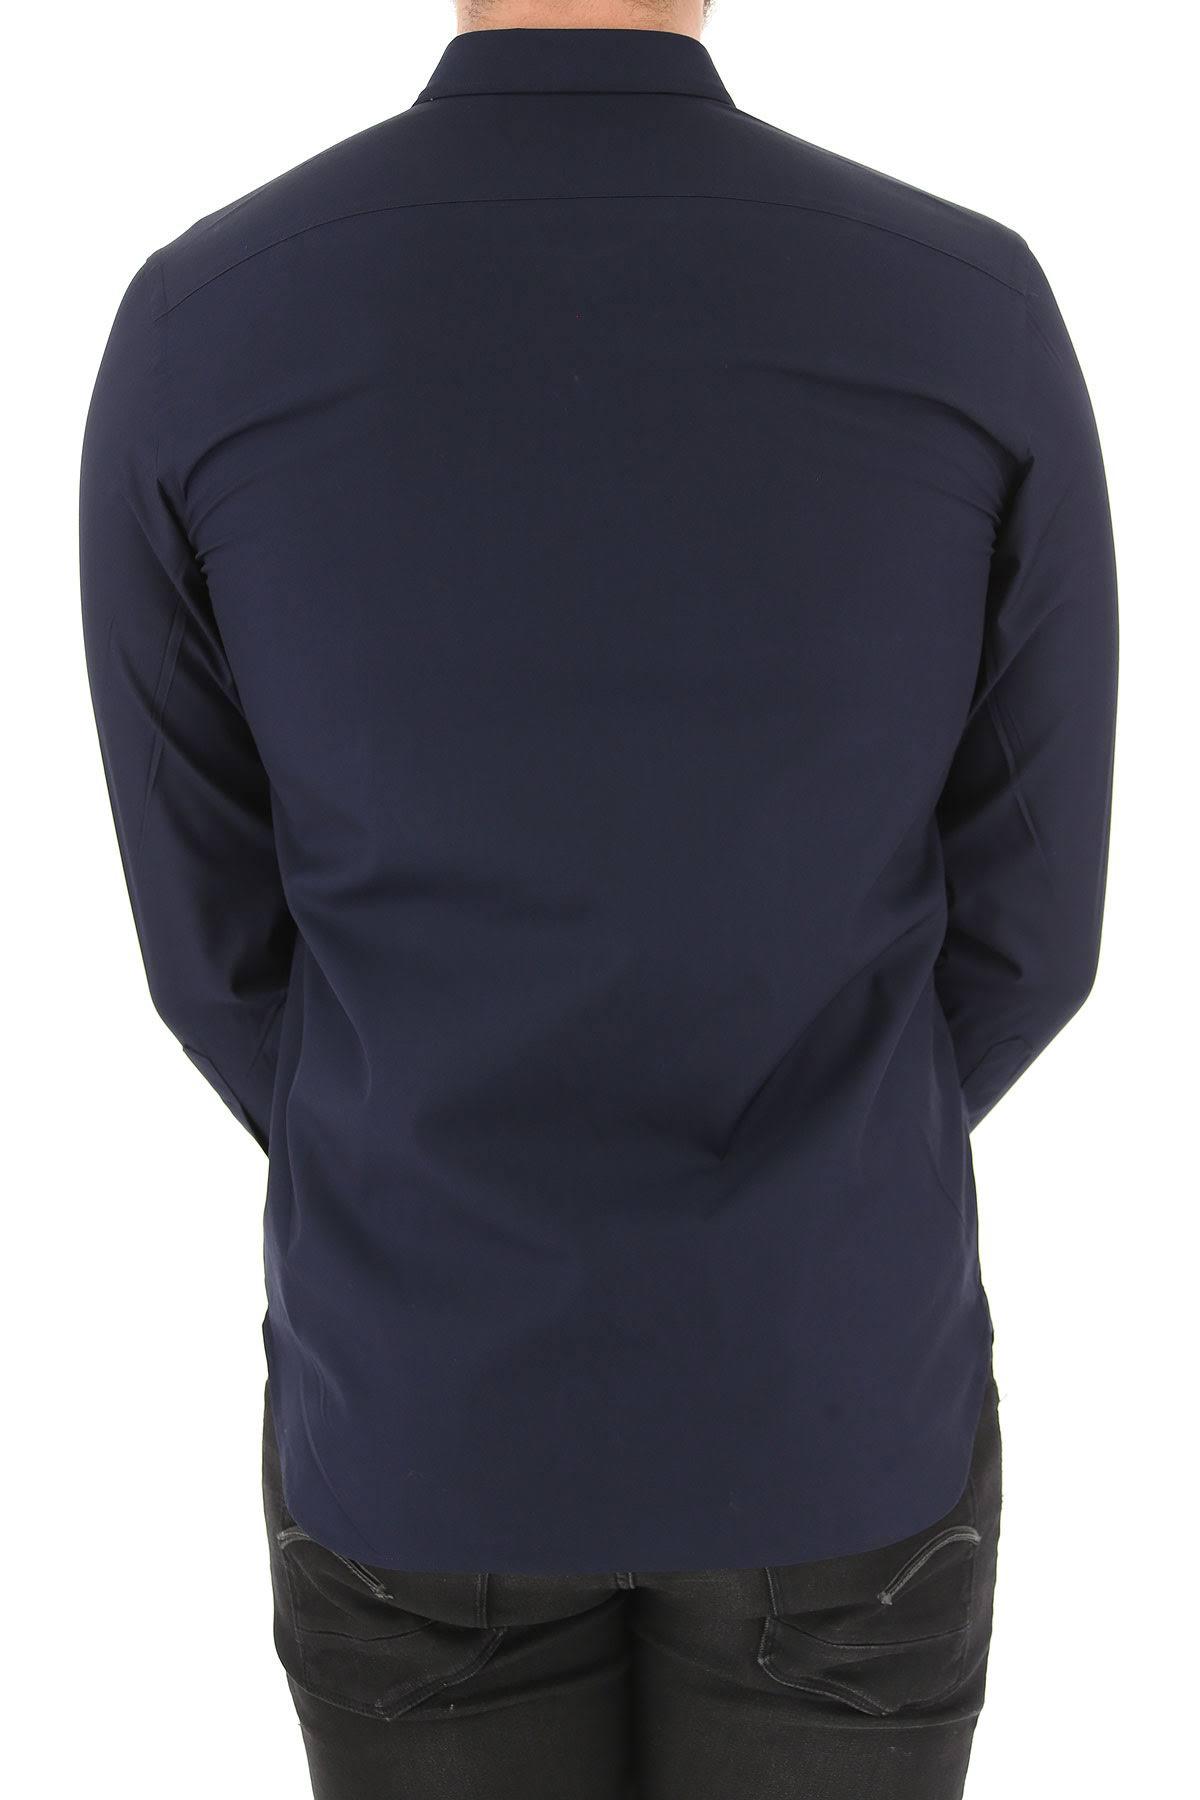 Shirt Baumwolle Navy L Für S 2019 Männer Burberry M nIwdZI